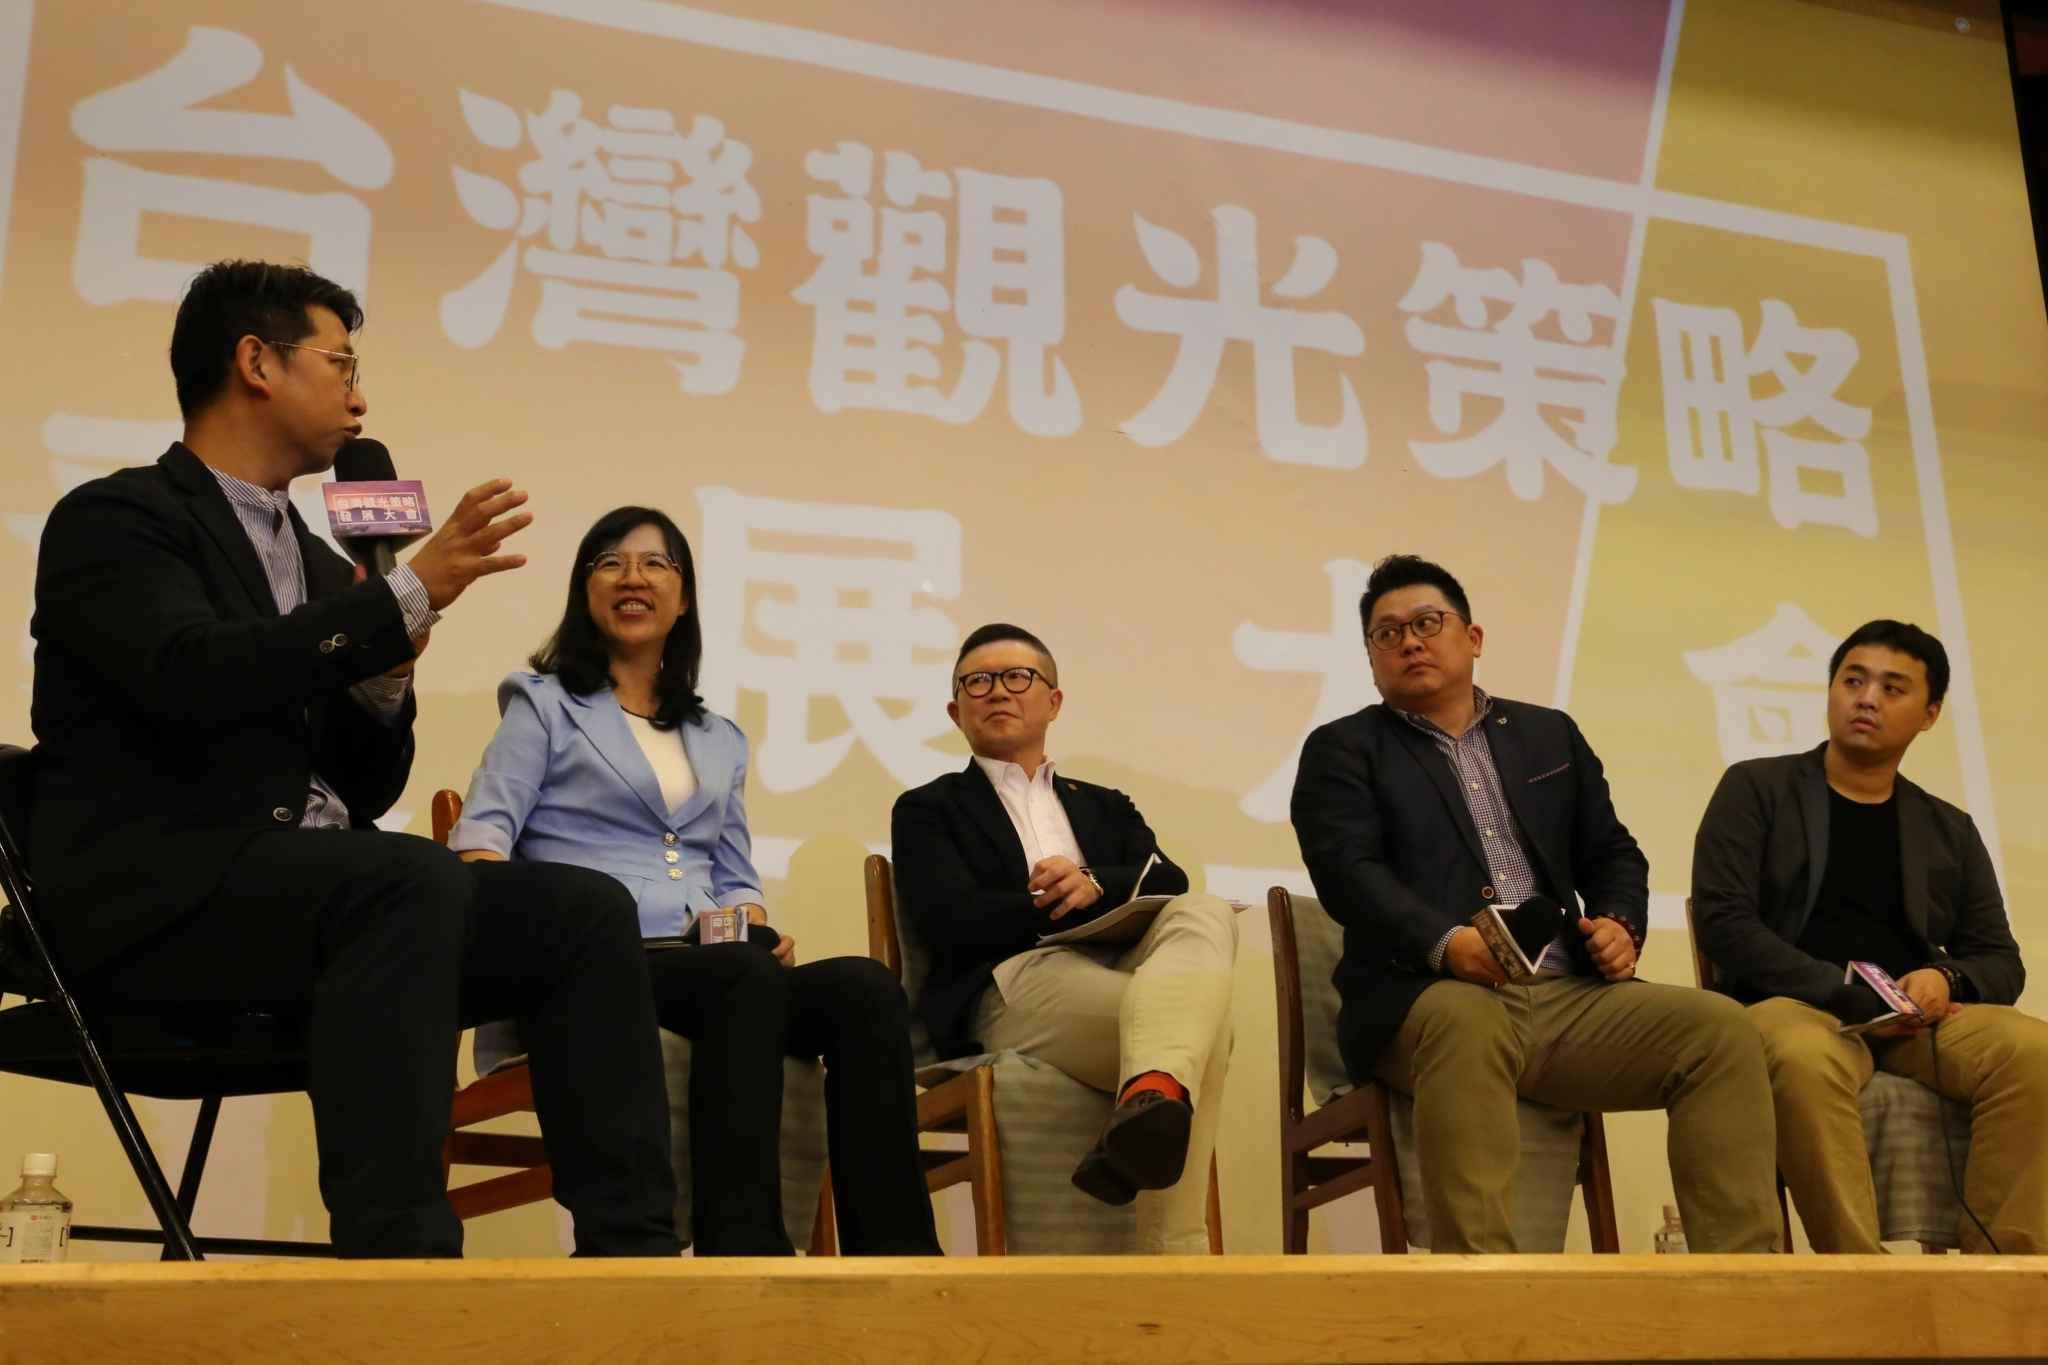 201812 台灣觀光策略發展大會 活動照片3